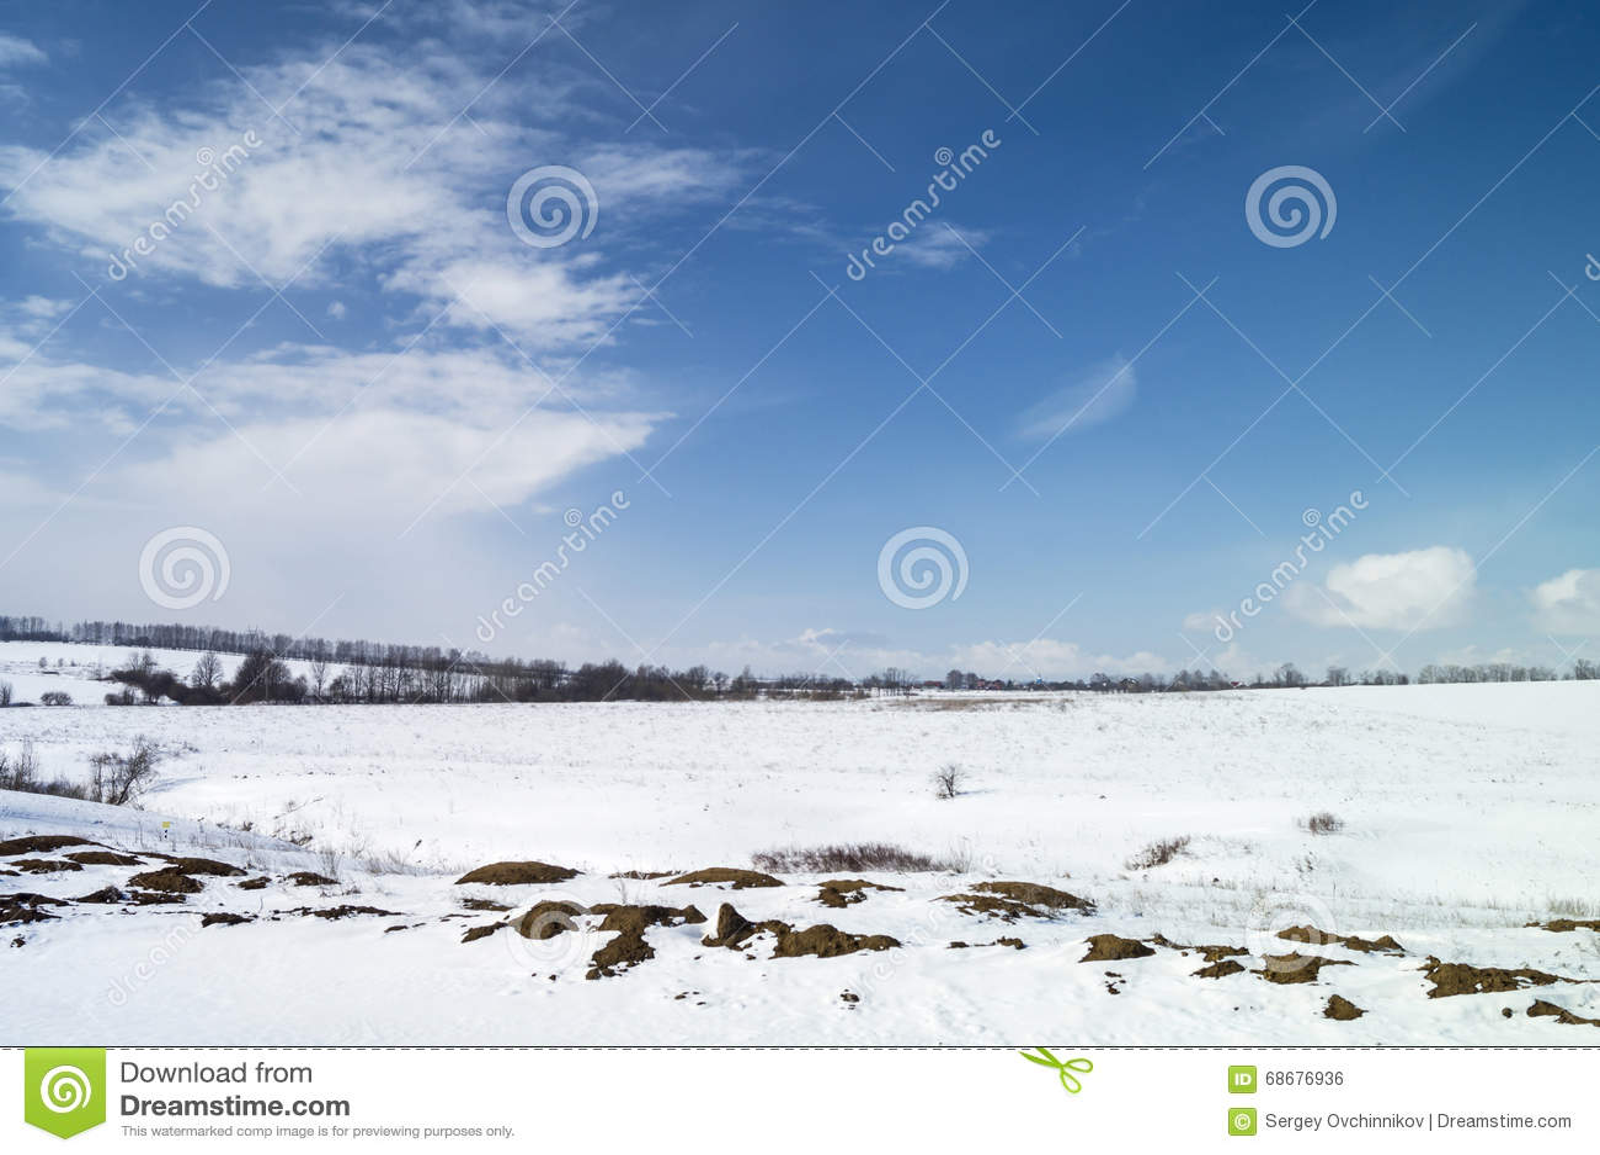 landscape sky clouds snow - photo #27